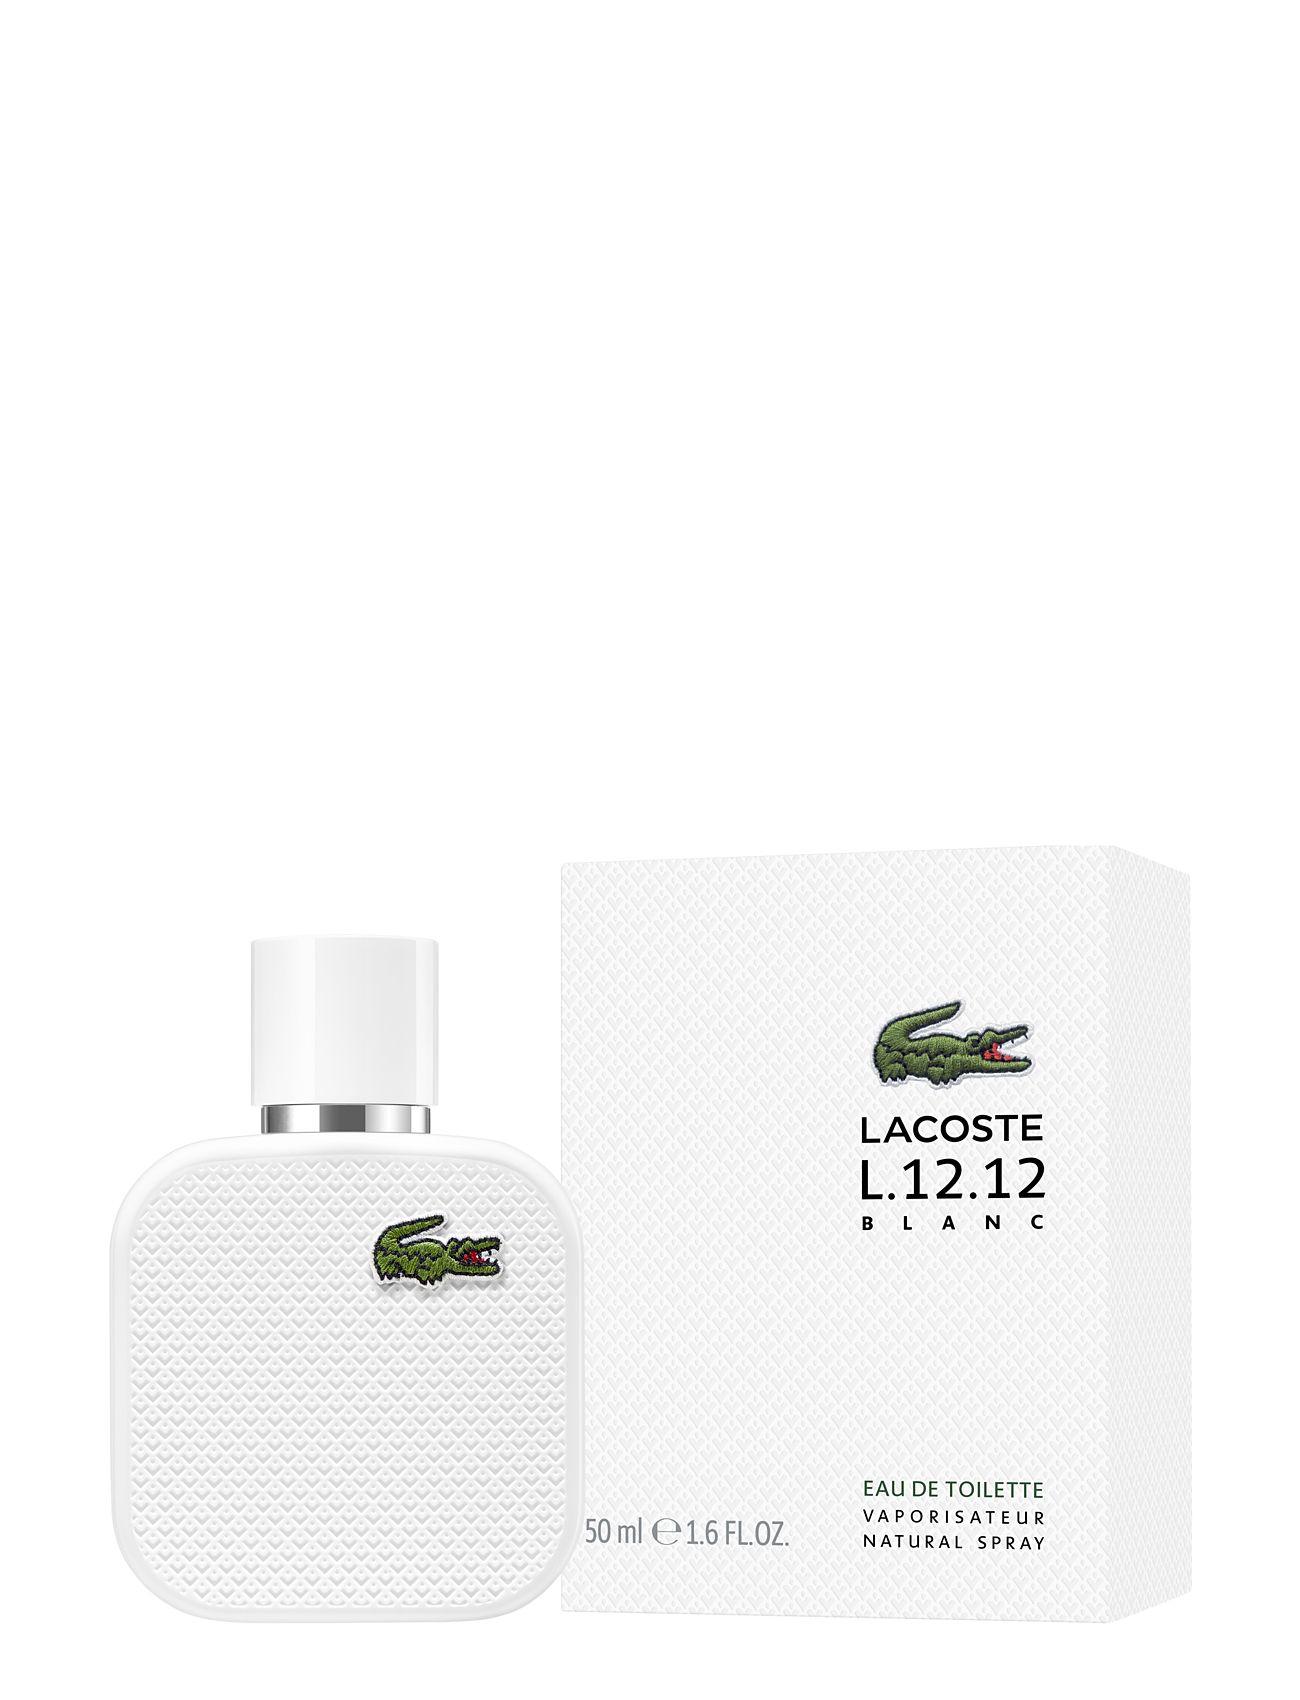 lacoste fragrance – Lacoste l.12.12 white ph eau de toi fra boozt.com dk